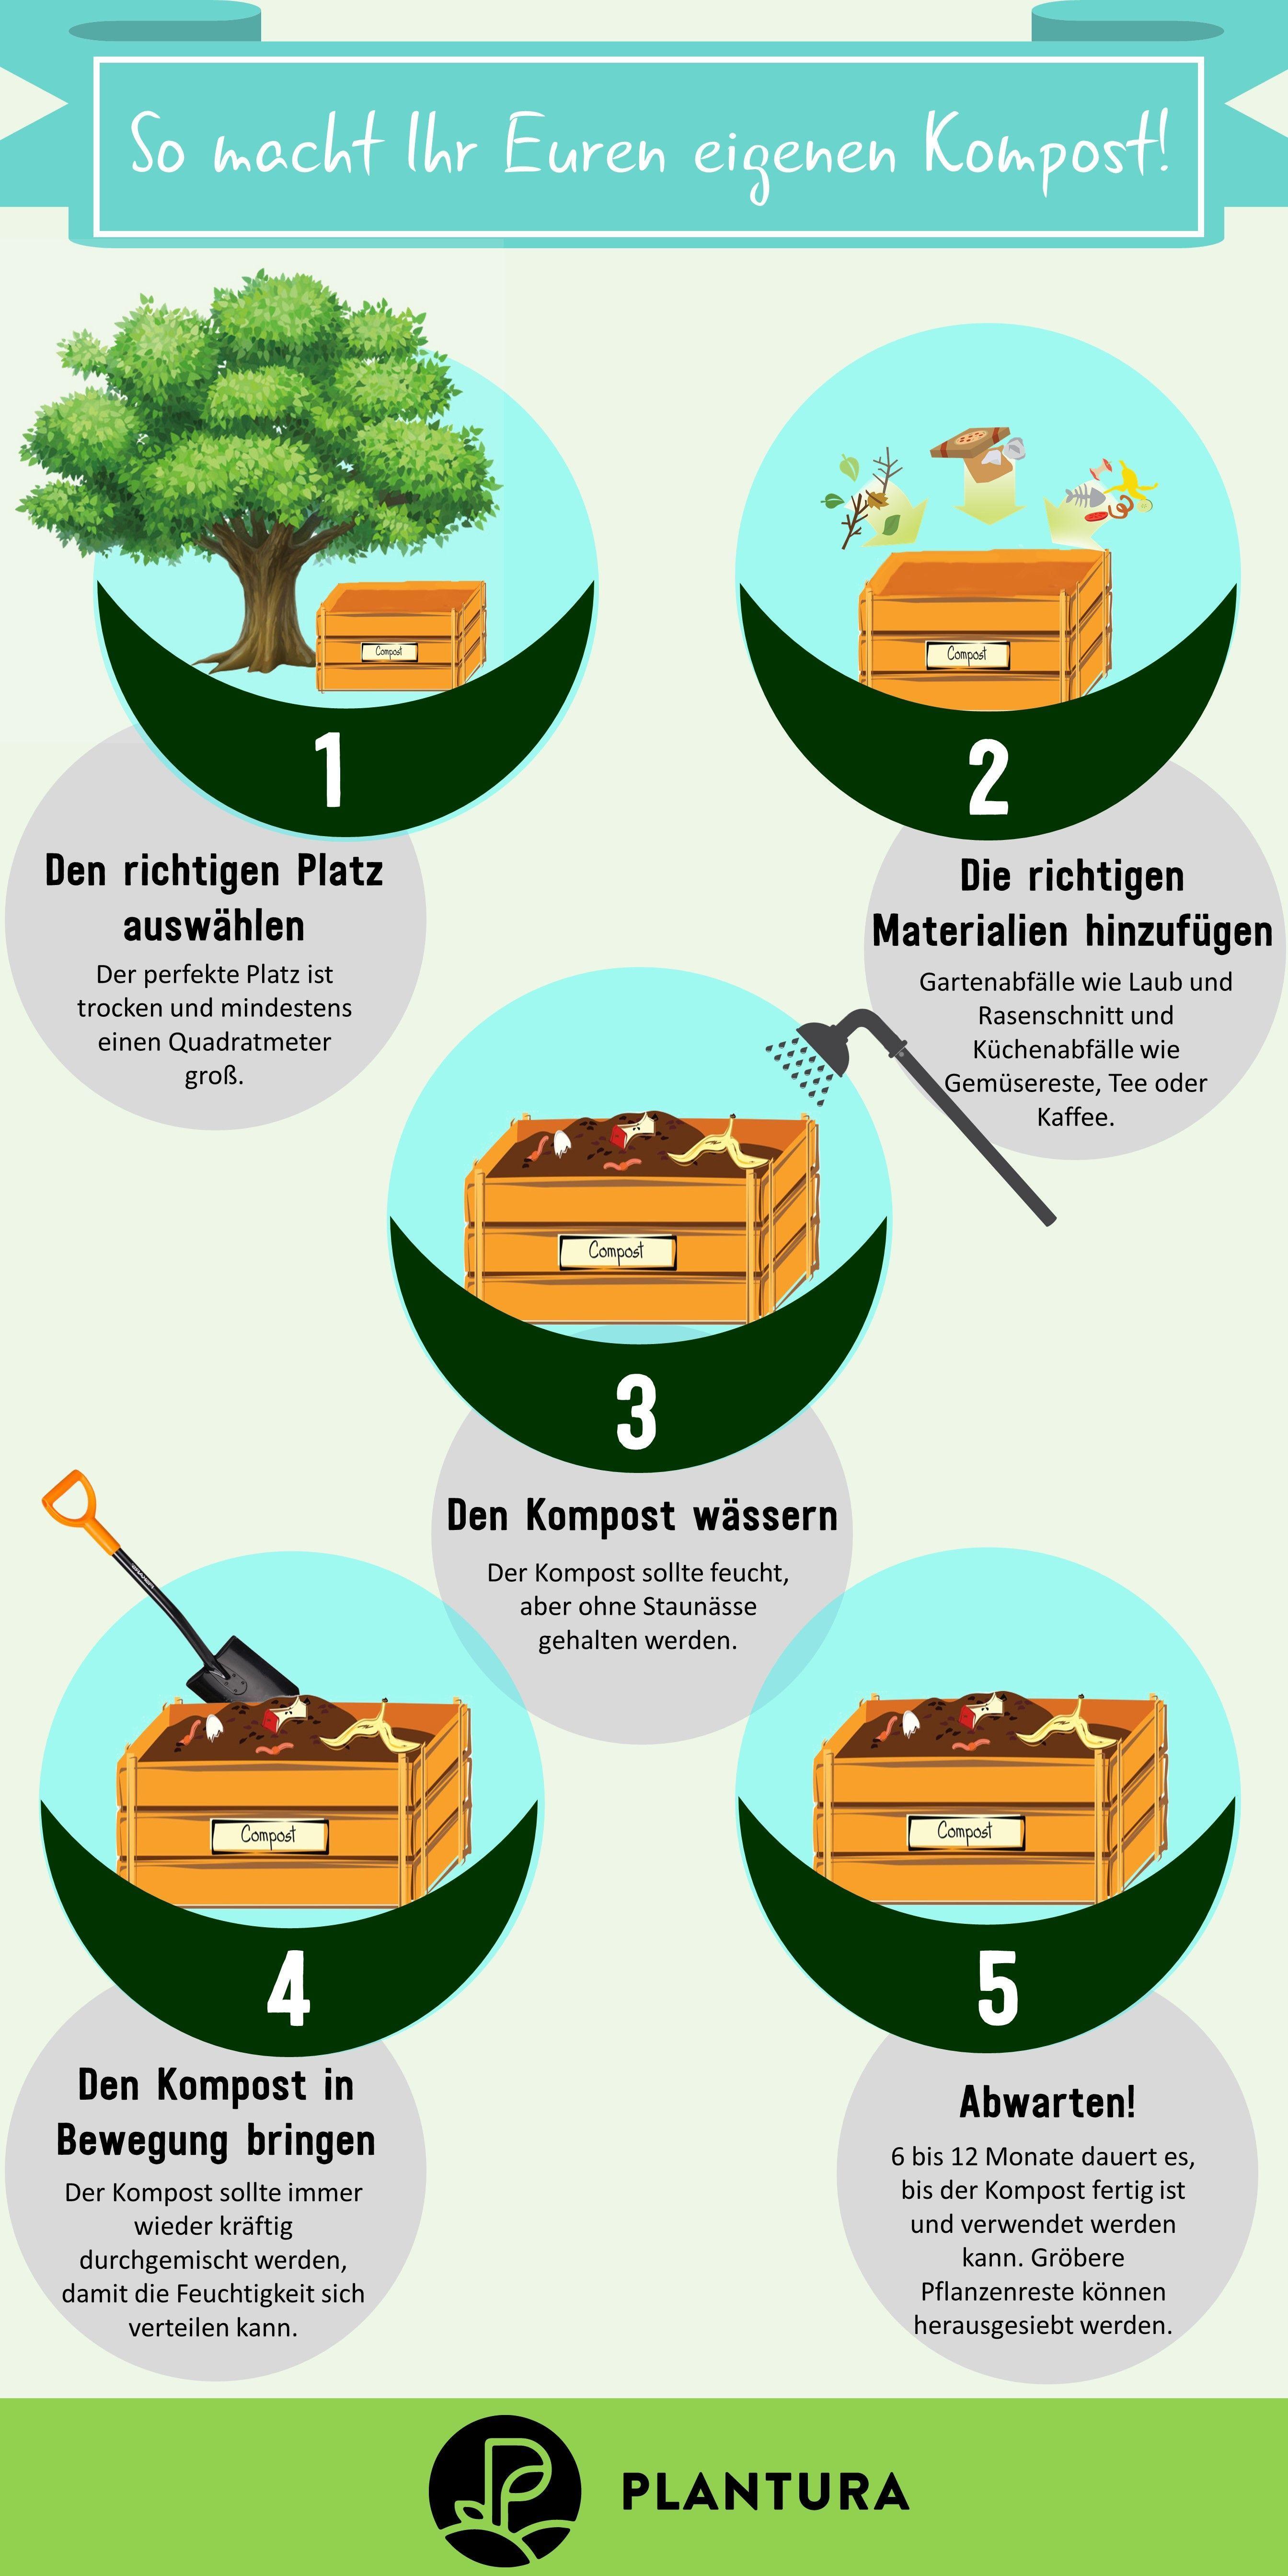 Kompost: Warum jeder Gärtner einen eigenen anlegen sollte! - Plantura #diyraisedgardenbeds